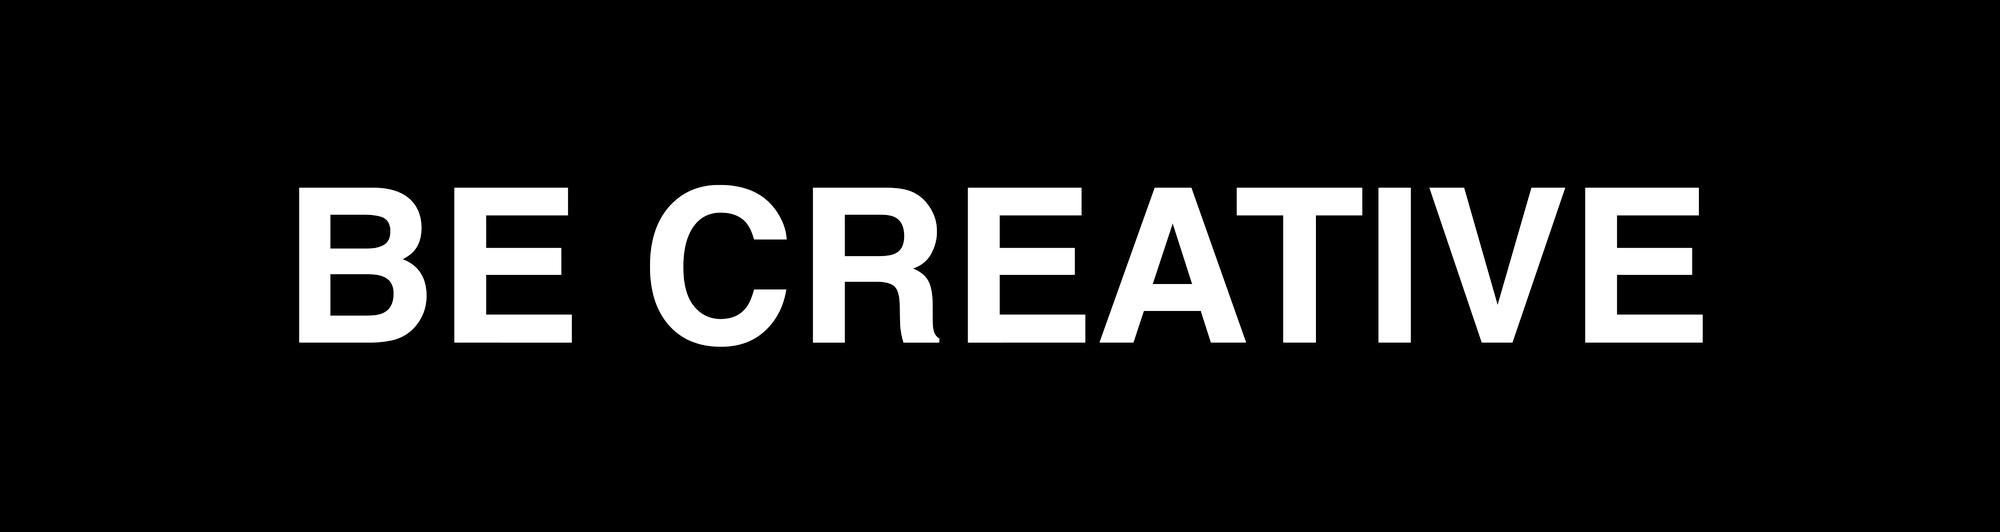 Kreative Fotoshooting Angebote